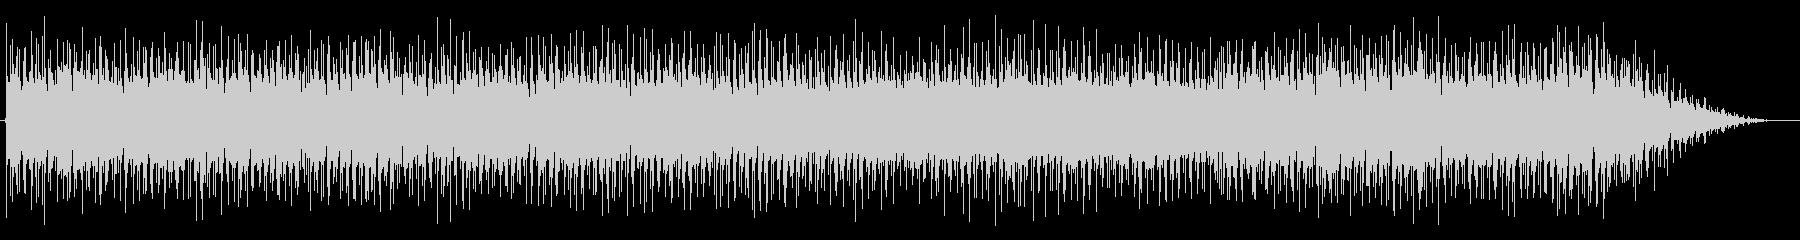 シャッフル系で都会的なBGMの未再生の波形